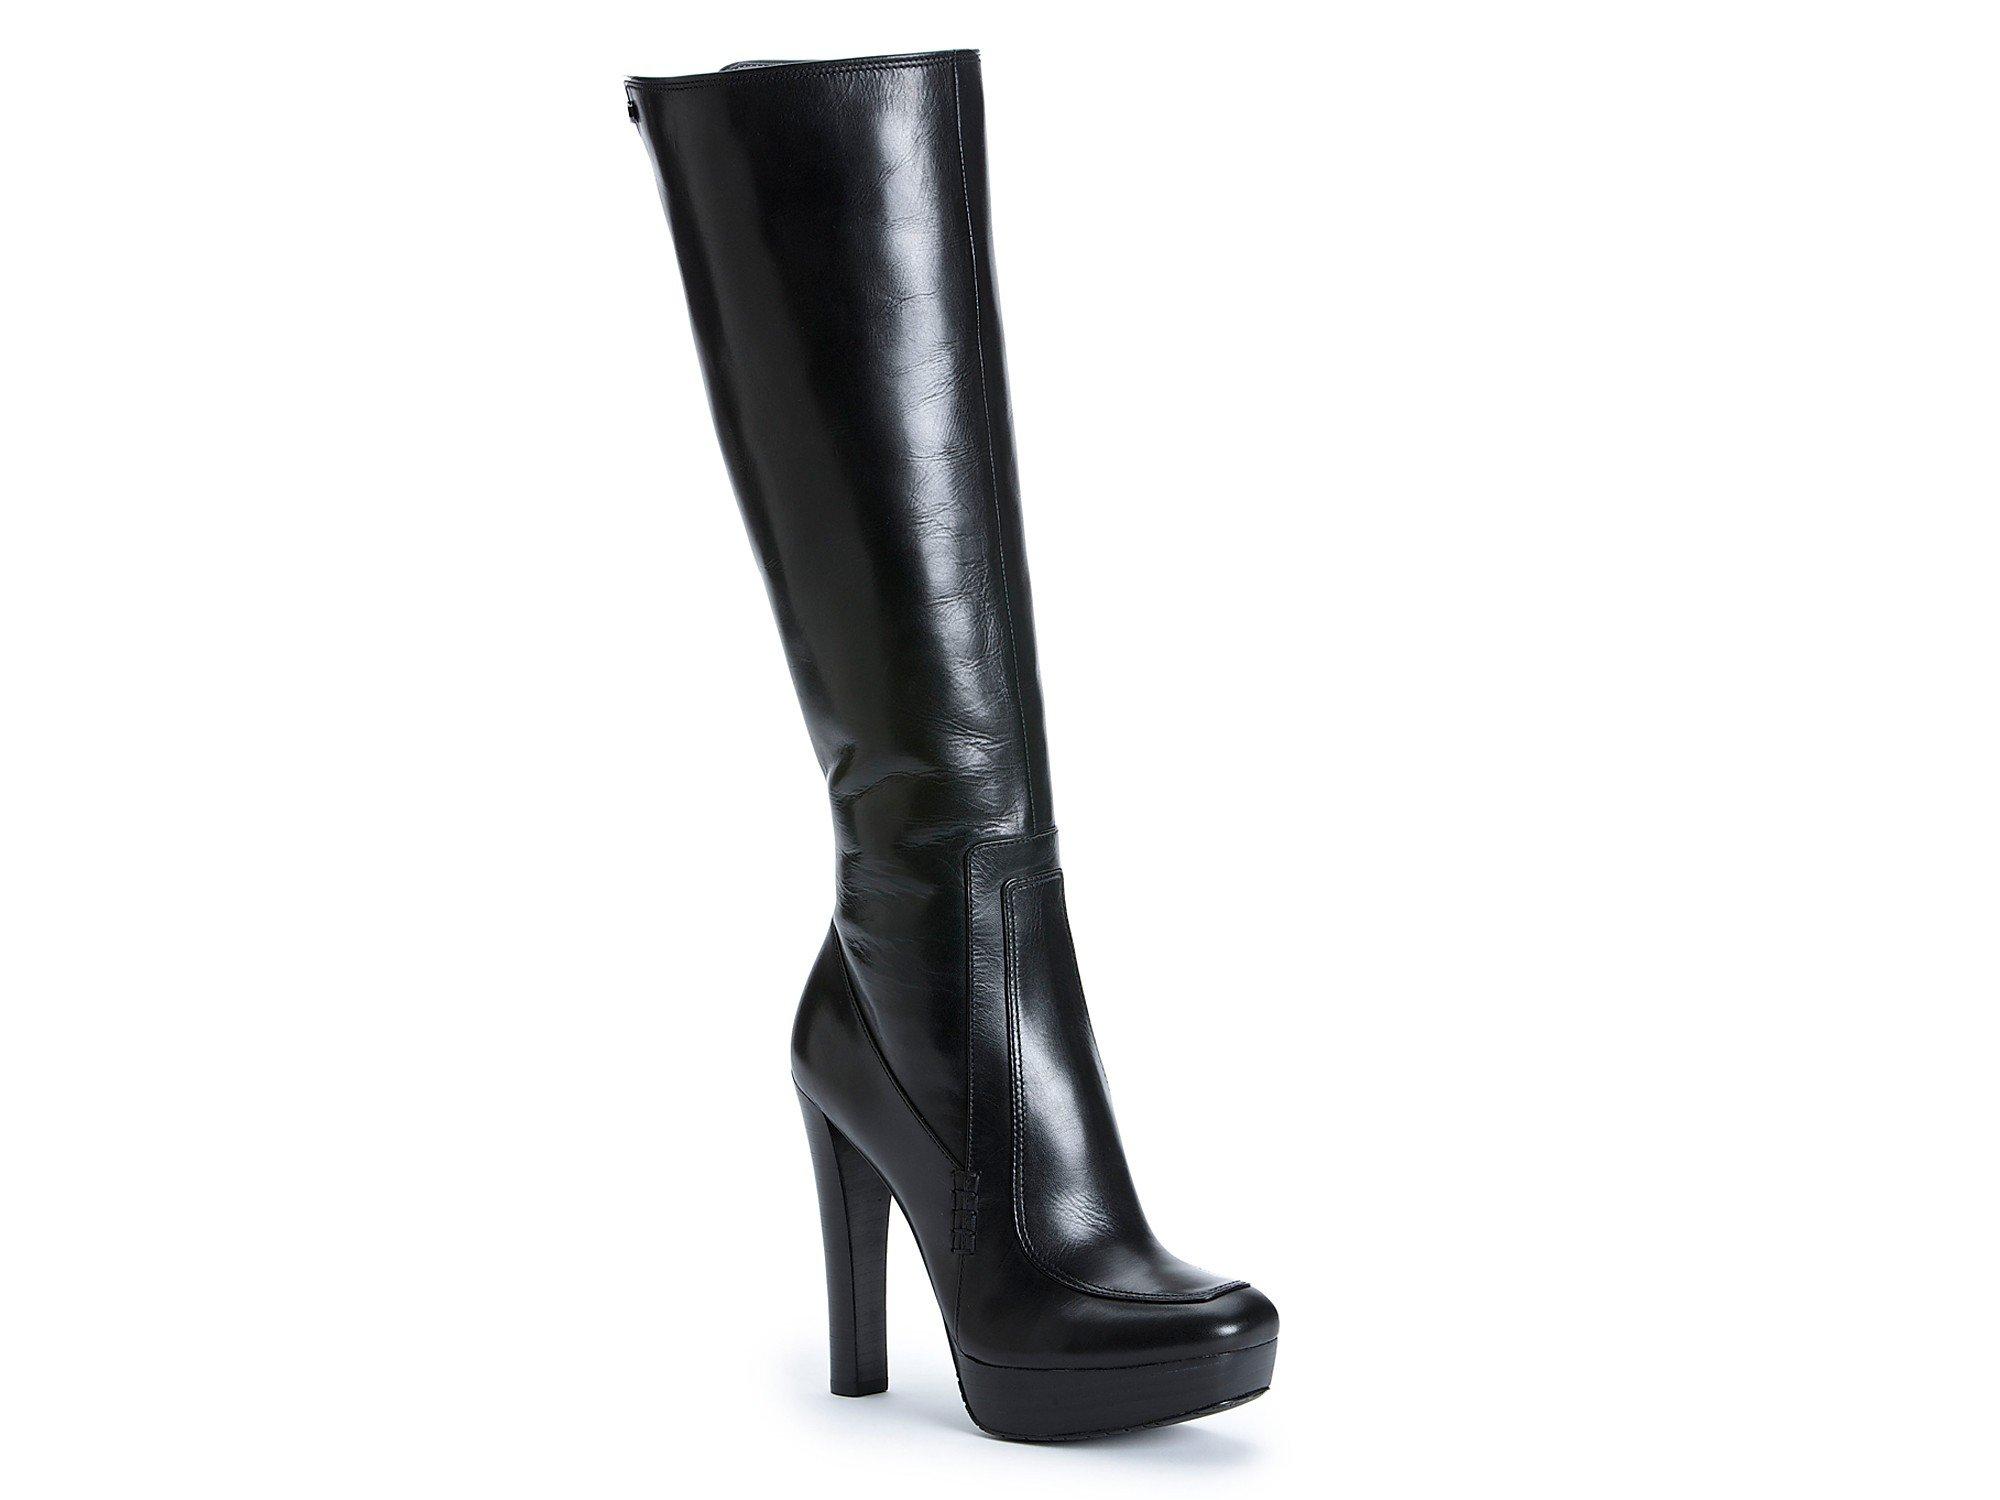 Calvin klein Britton High Heel Platform Boots in Black | Lyst